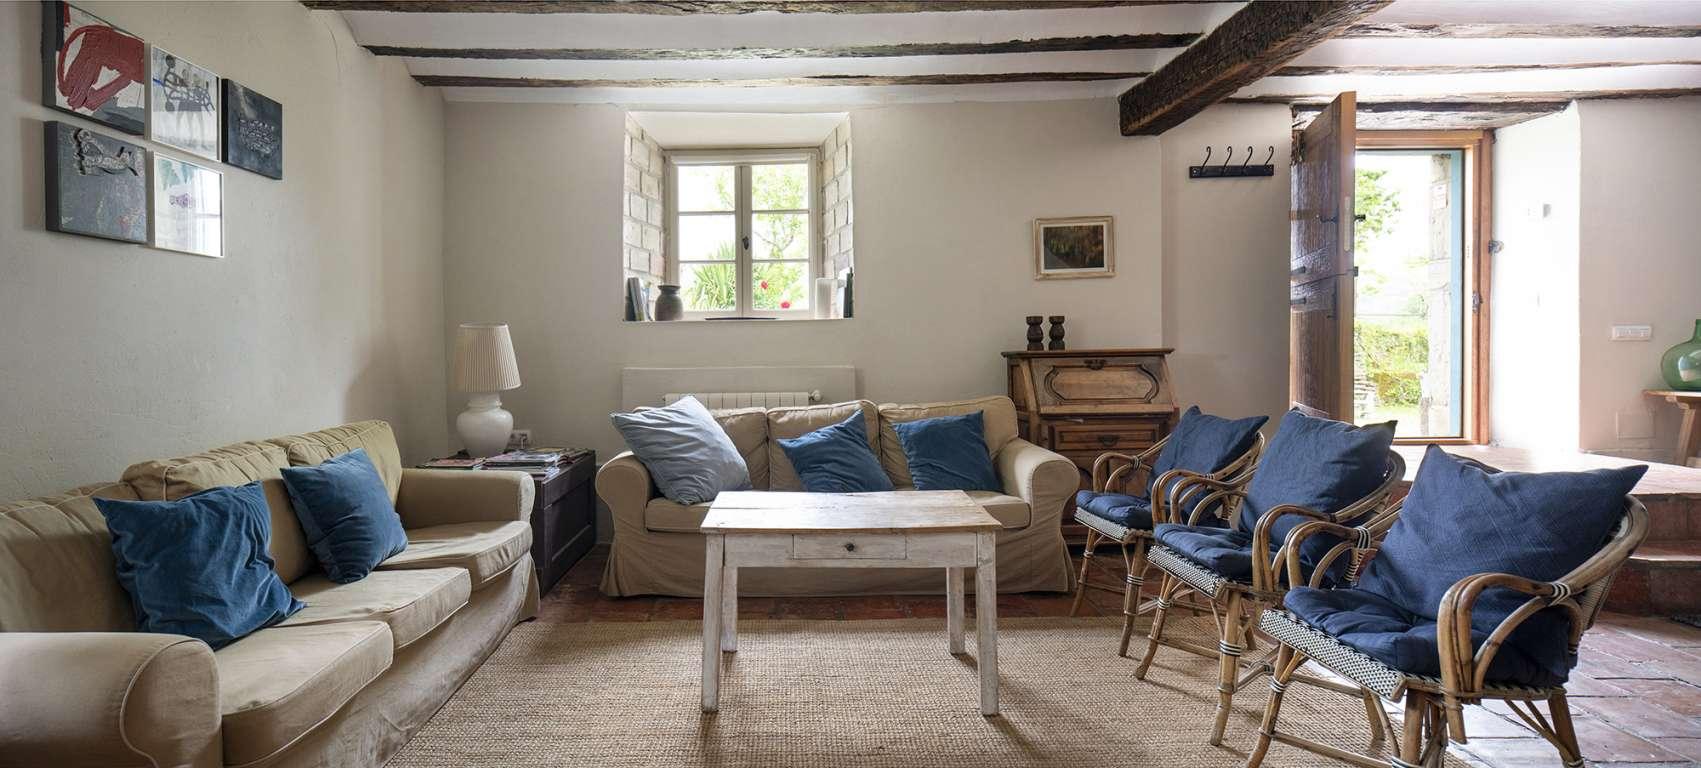 Cómo completar la experiencia de tus huéspedes a través de un diseño e interiorismo atractivo, acogedor y cómodo, consejos para aumentar las reservas para alojamientos rurales #TurismoRural #SlowLife #SlowInteriorDesign @Utrillanais